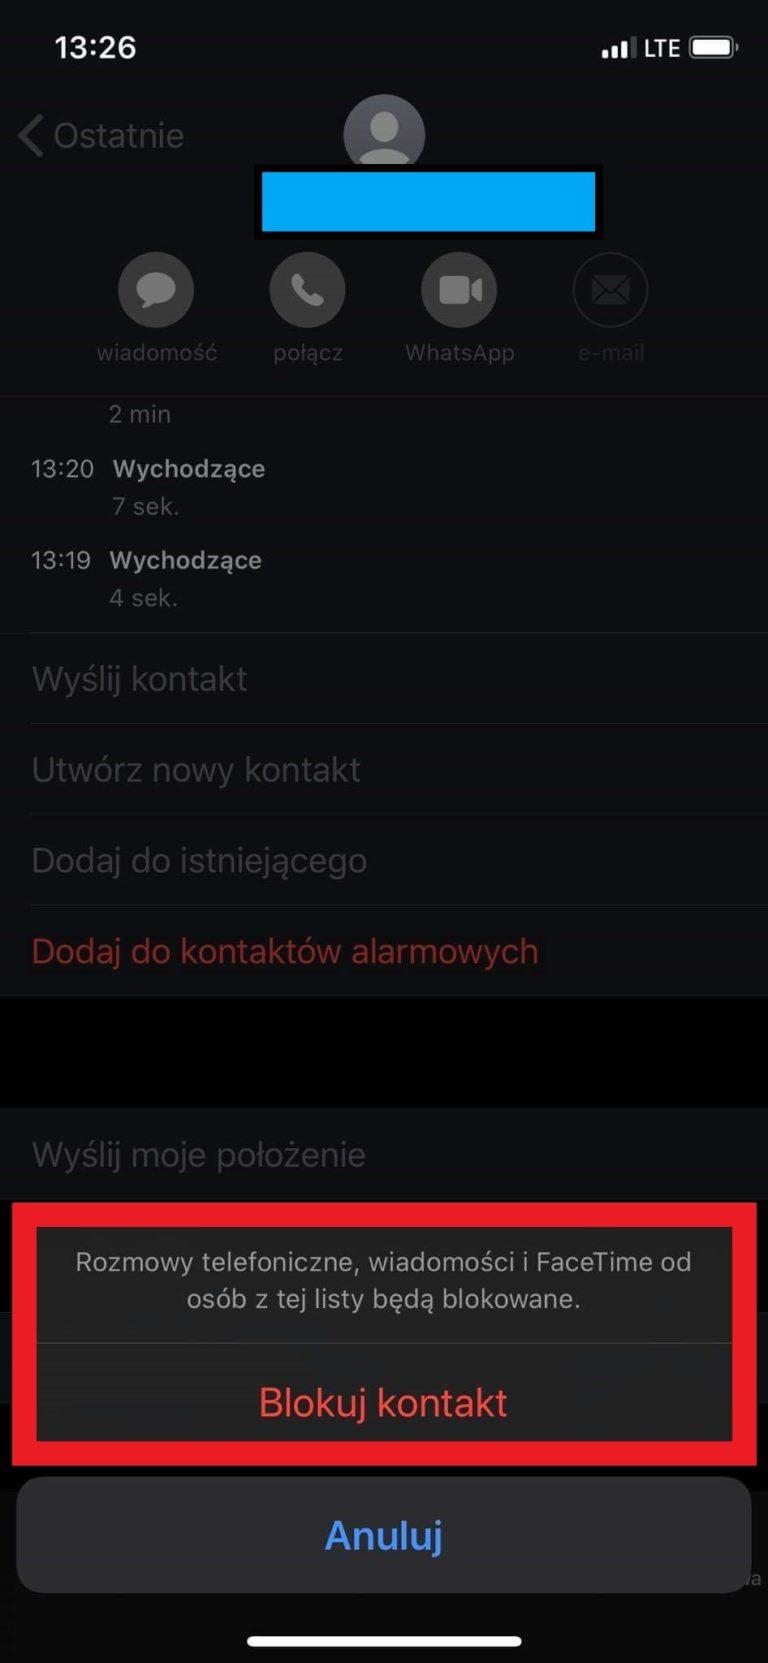 blokowanie połączeń iOS